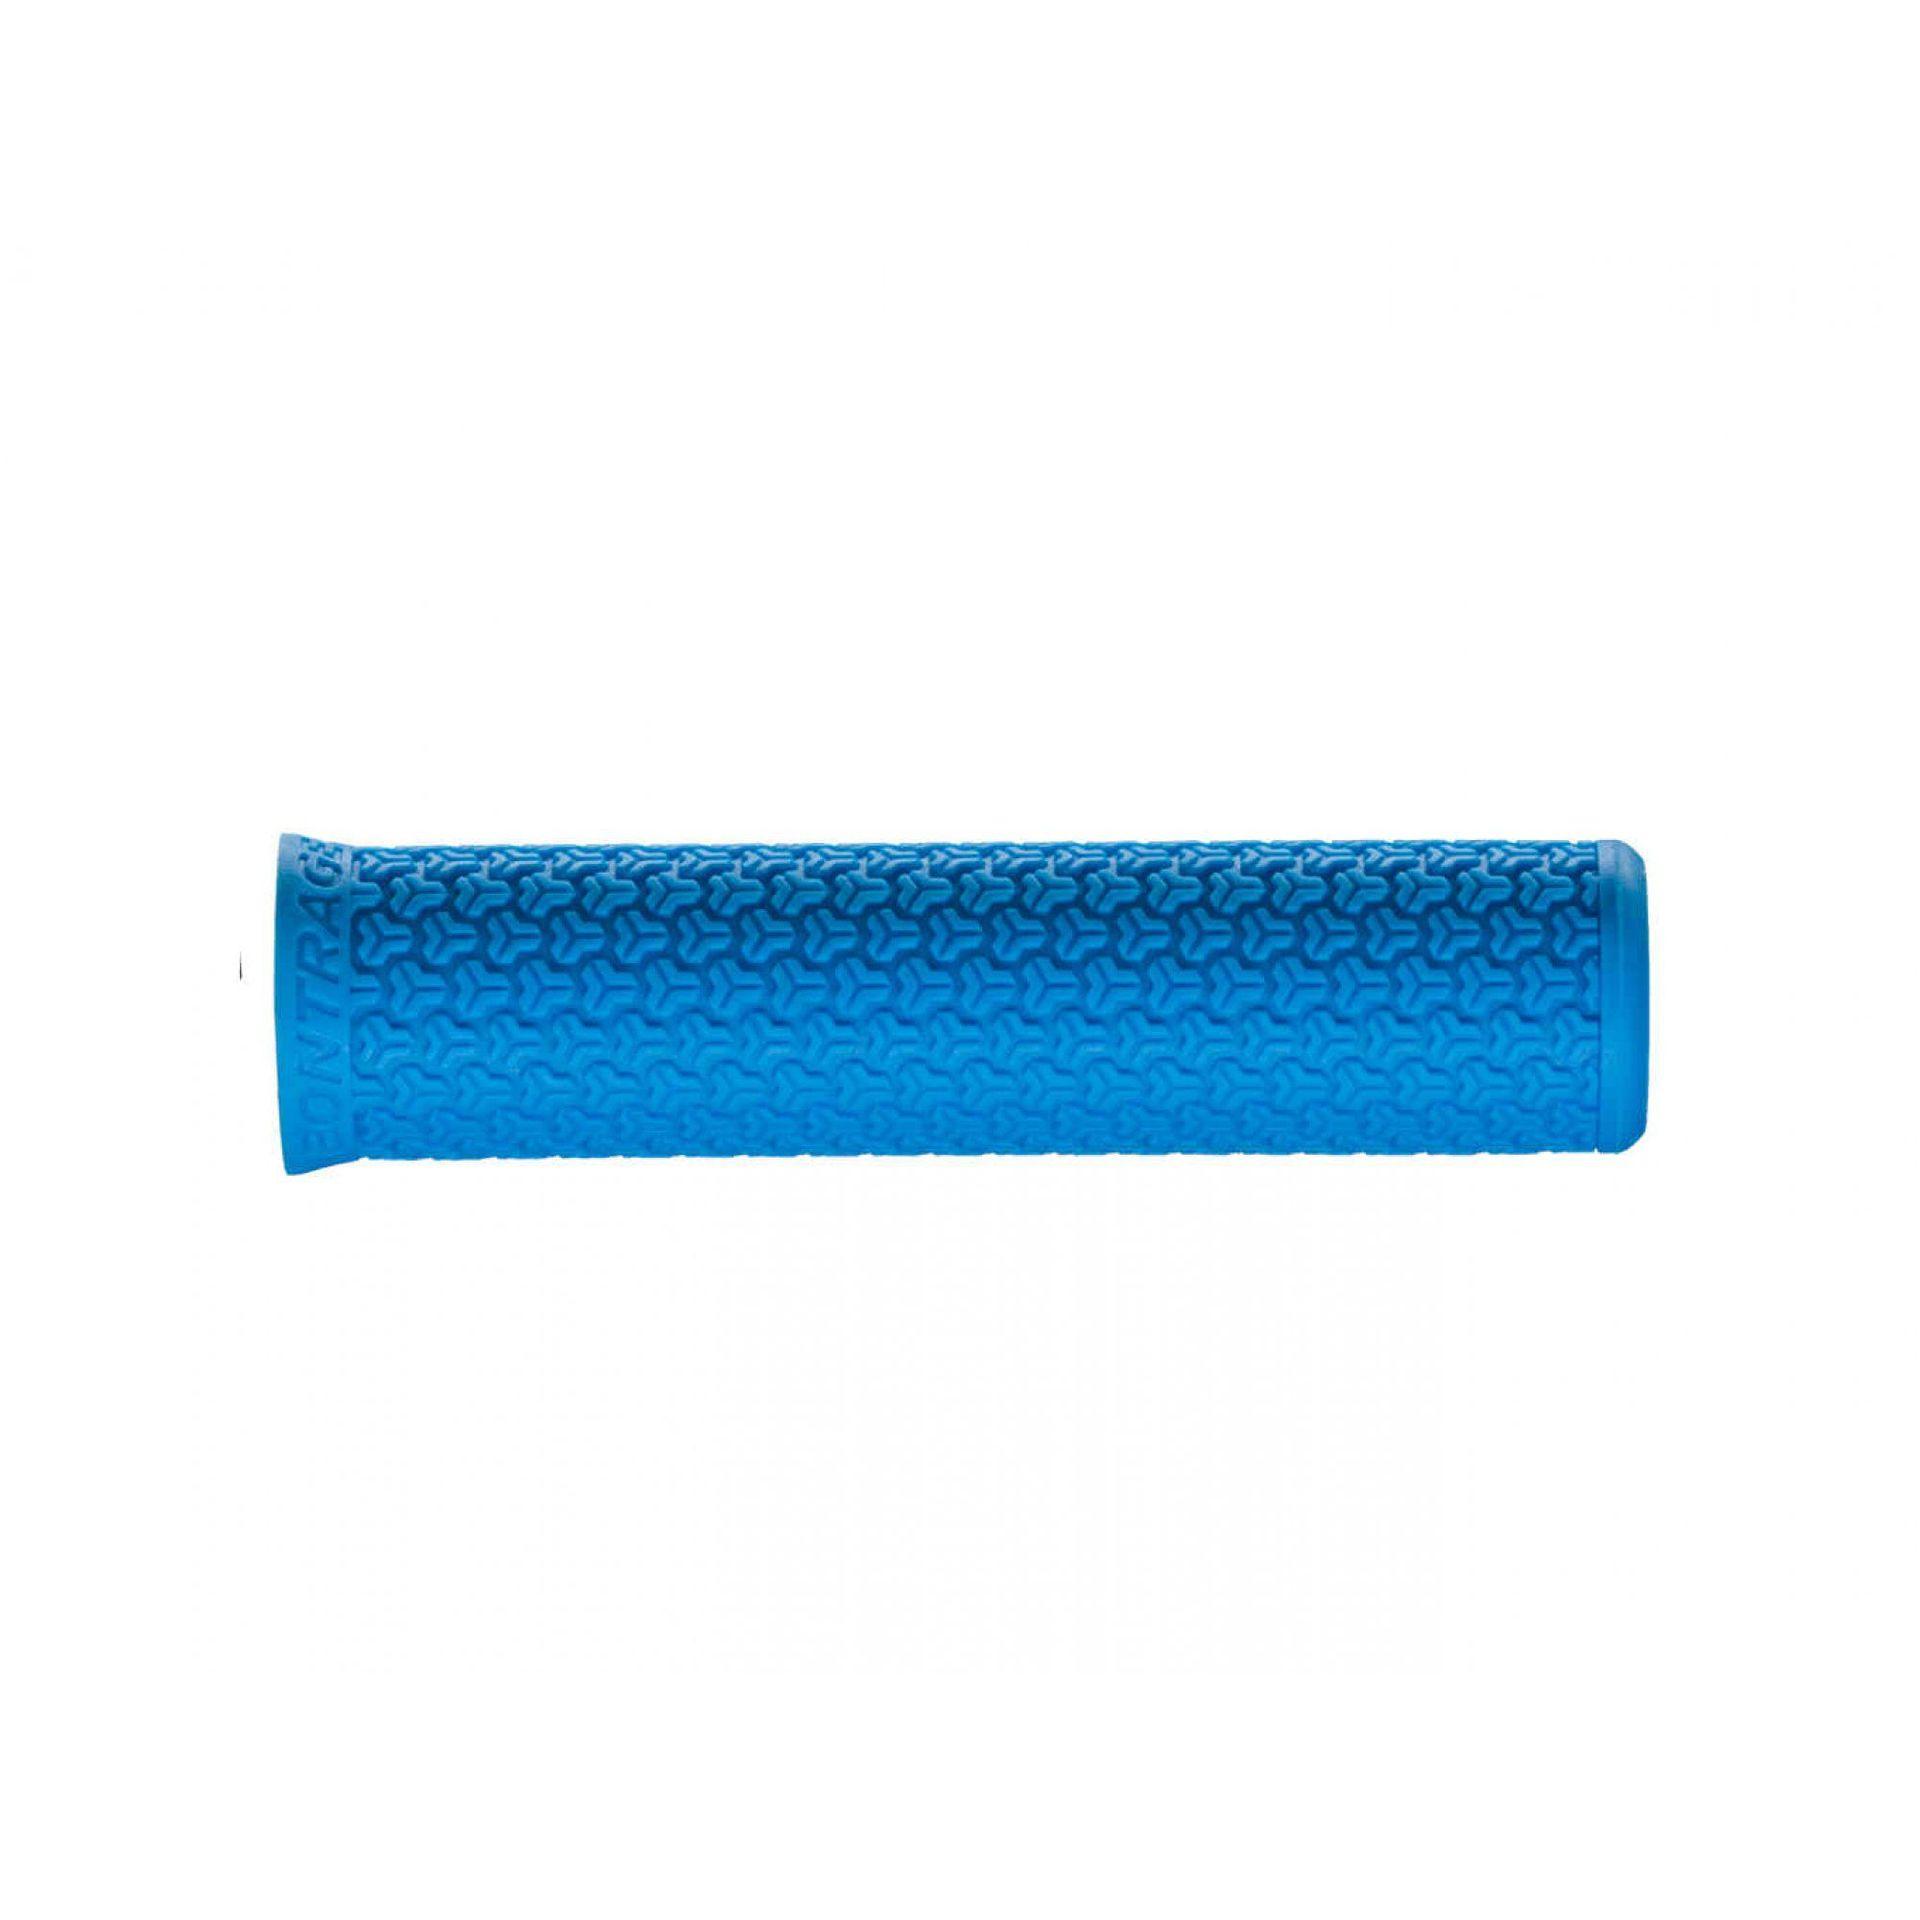 CHWYTY KIEROWNICY ROWEROWEJ BONTRAGER XR CZERWONY BLUE